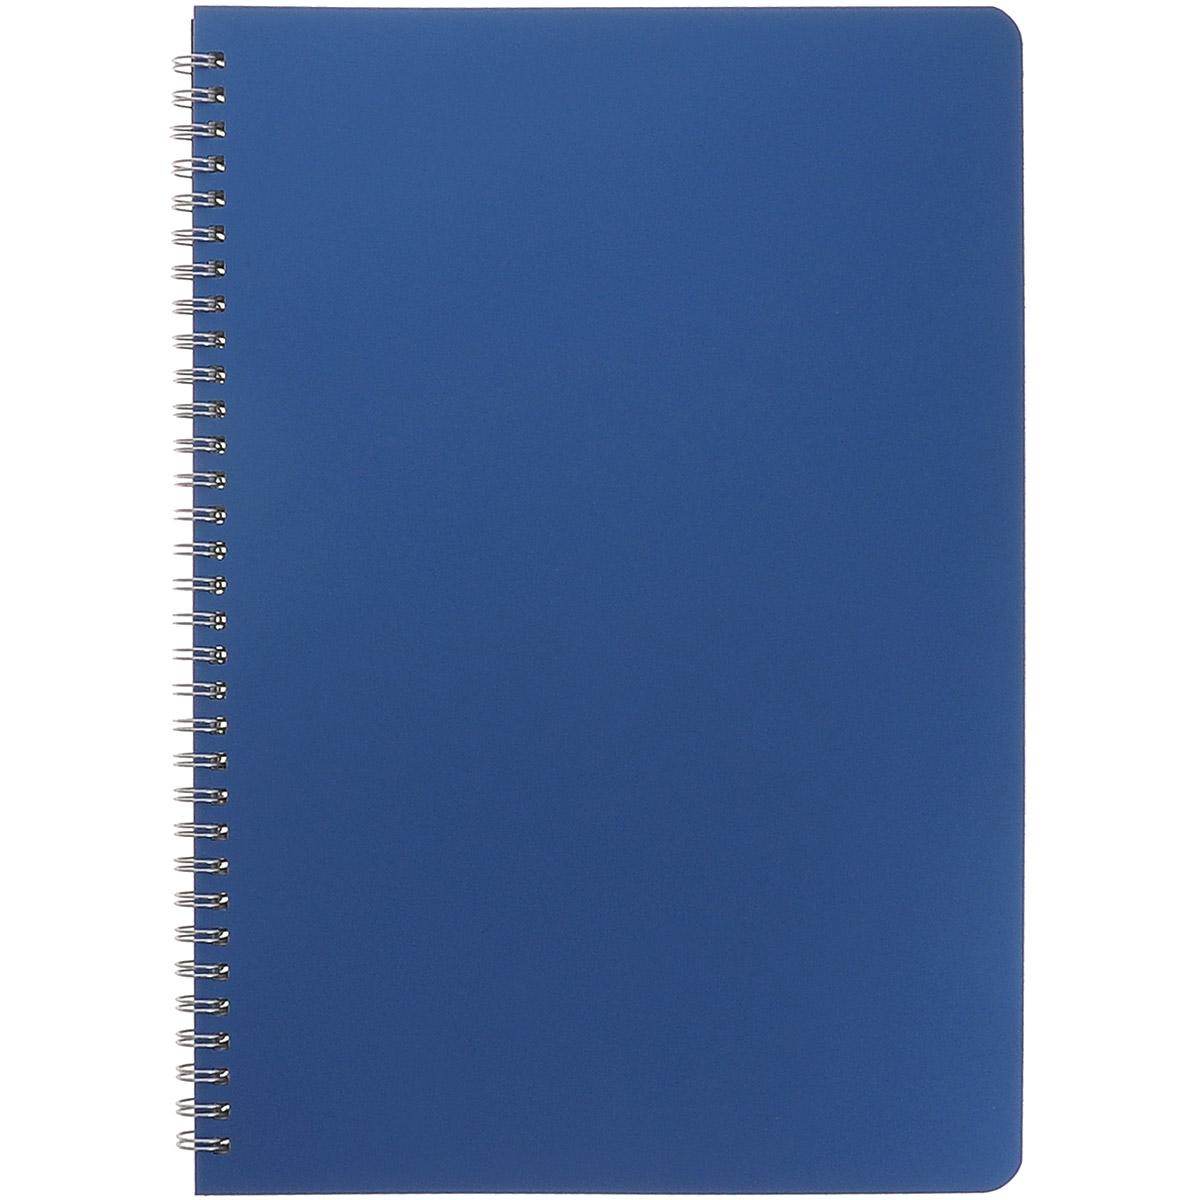 Блокнот Альт Офис-лайн, цвет: синий, 80 листов, формат А4. 7-80-3467-80-346Офисный блокнот серии Office line олицетворяет классический стиль с присущей ему строгостью и сдержанностью. Блокнот имеет прочную пластиковую обложку, надежно защищающую бумажный блок из 80 листов, разлинованных в клетку. Высококачественная мелованная бумага подходит для работы любыми видами чернил. Блокнот формата А4 удобен для использования на рабочем столе. Обложка синего цвета - вечная классика, не выходящая из моды. Блокнот на стильном металлическом гребне обладает удобной конструкцией, позволяя вырывать при необходимости листы, не нарушая целостность остальных страниц.